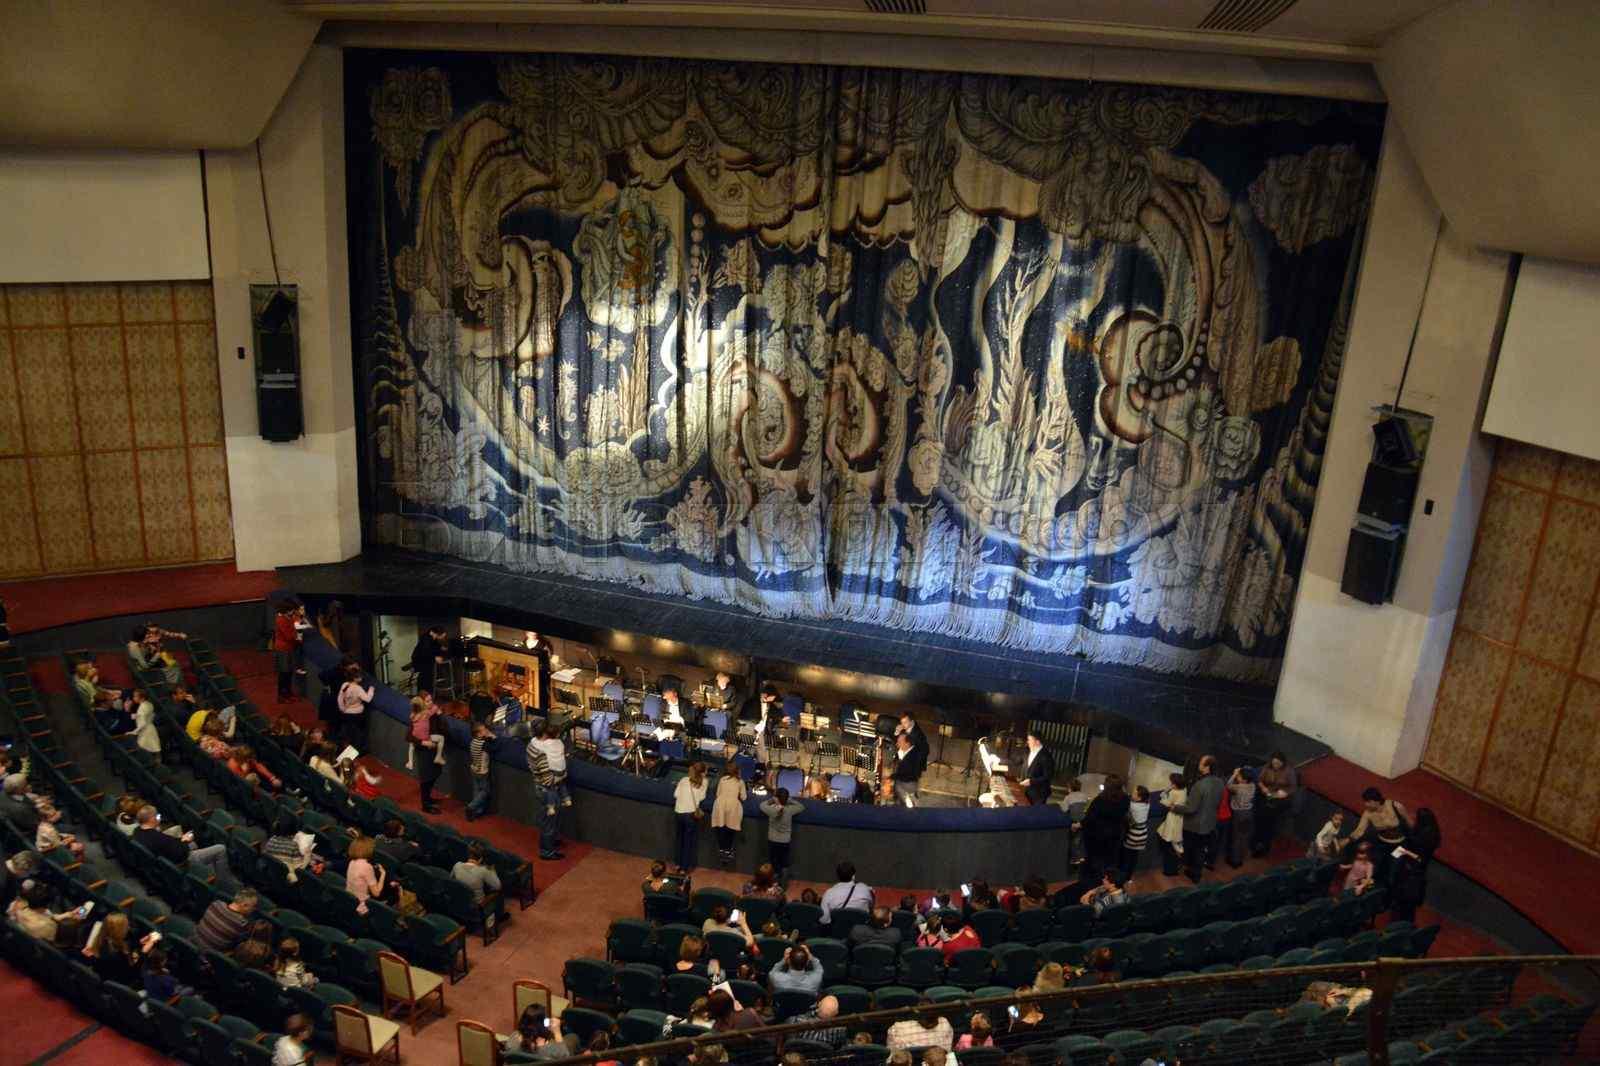 балет золотой петушок в театре натальи сац схема зала